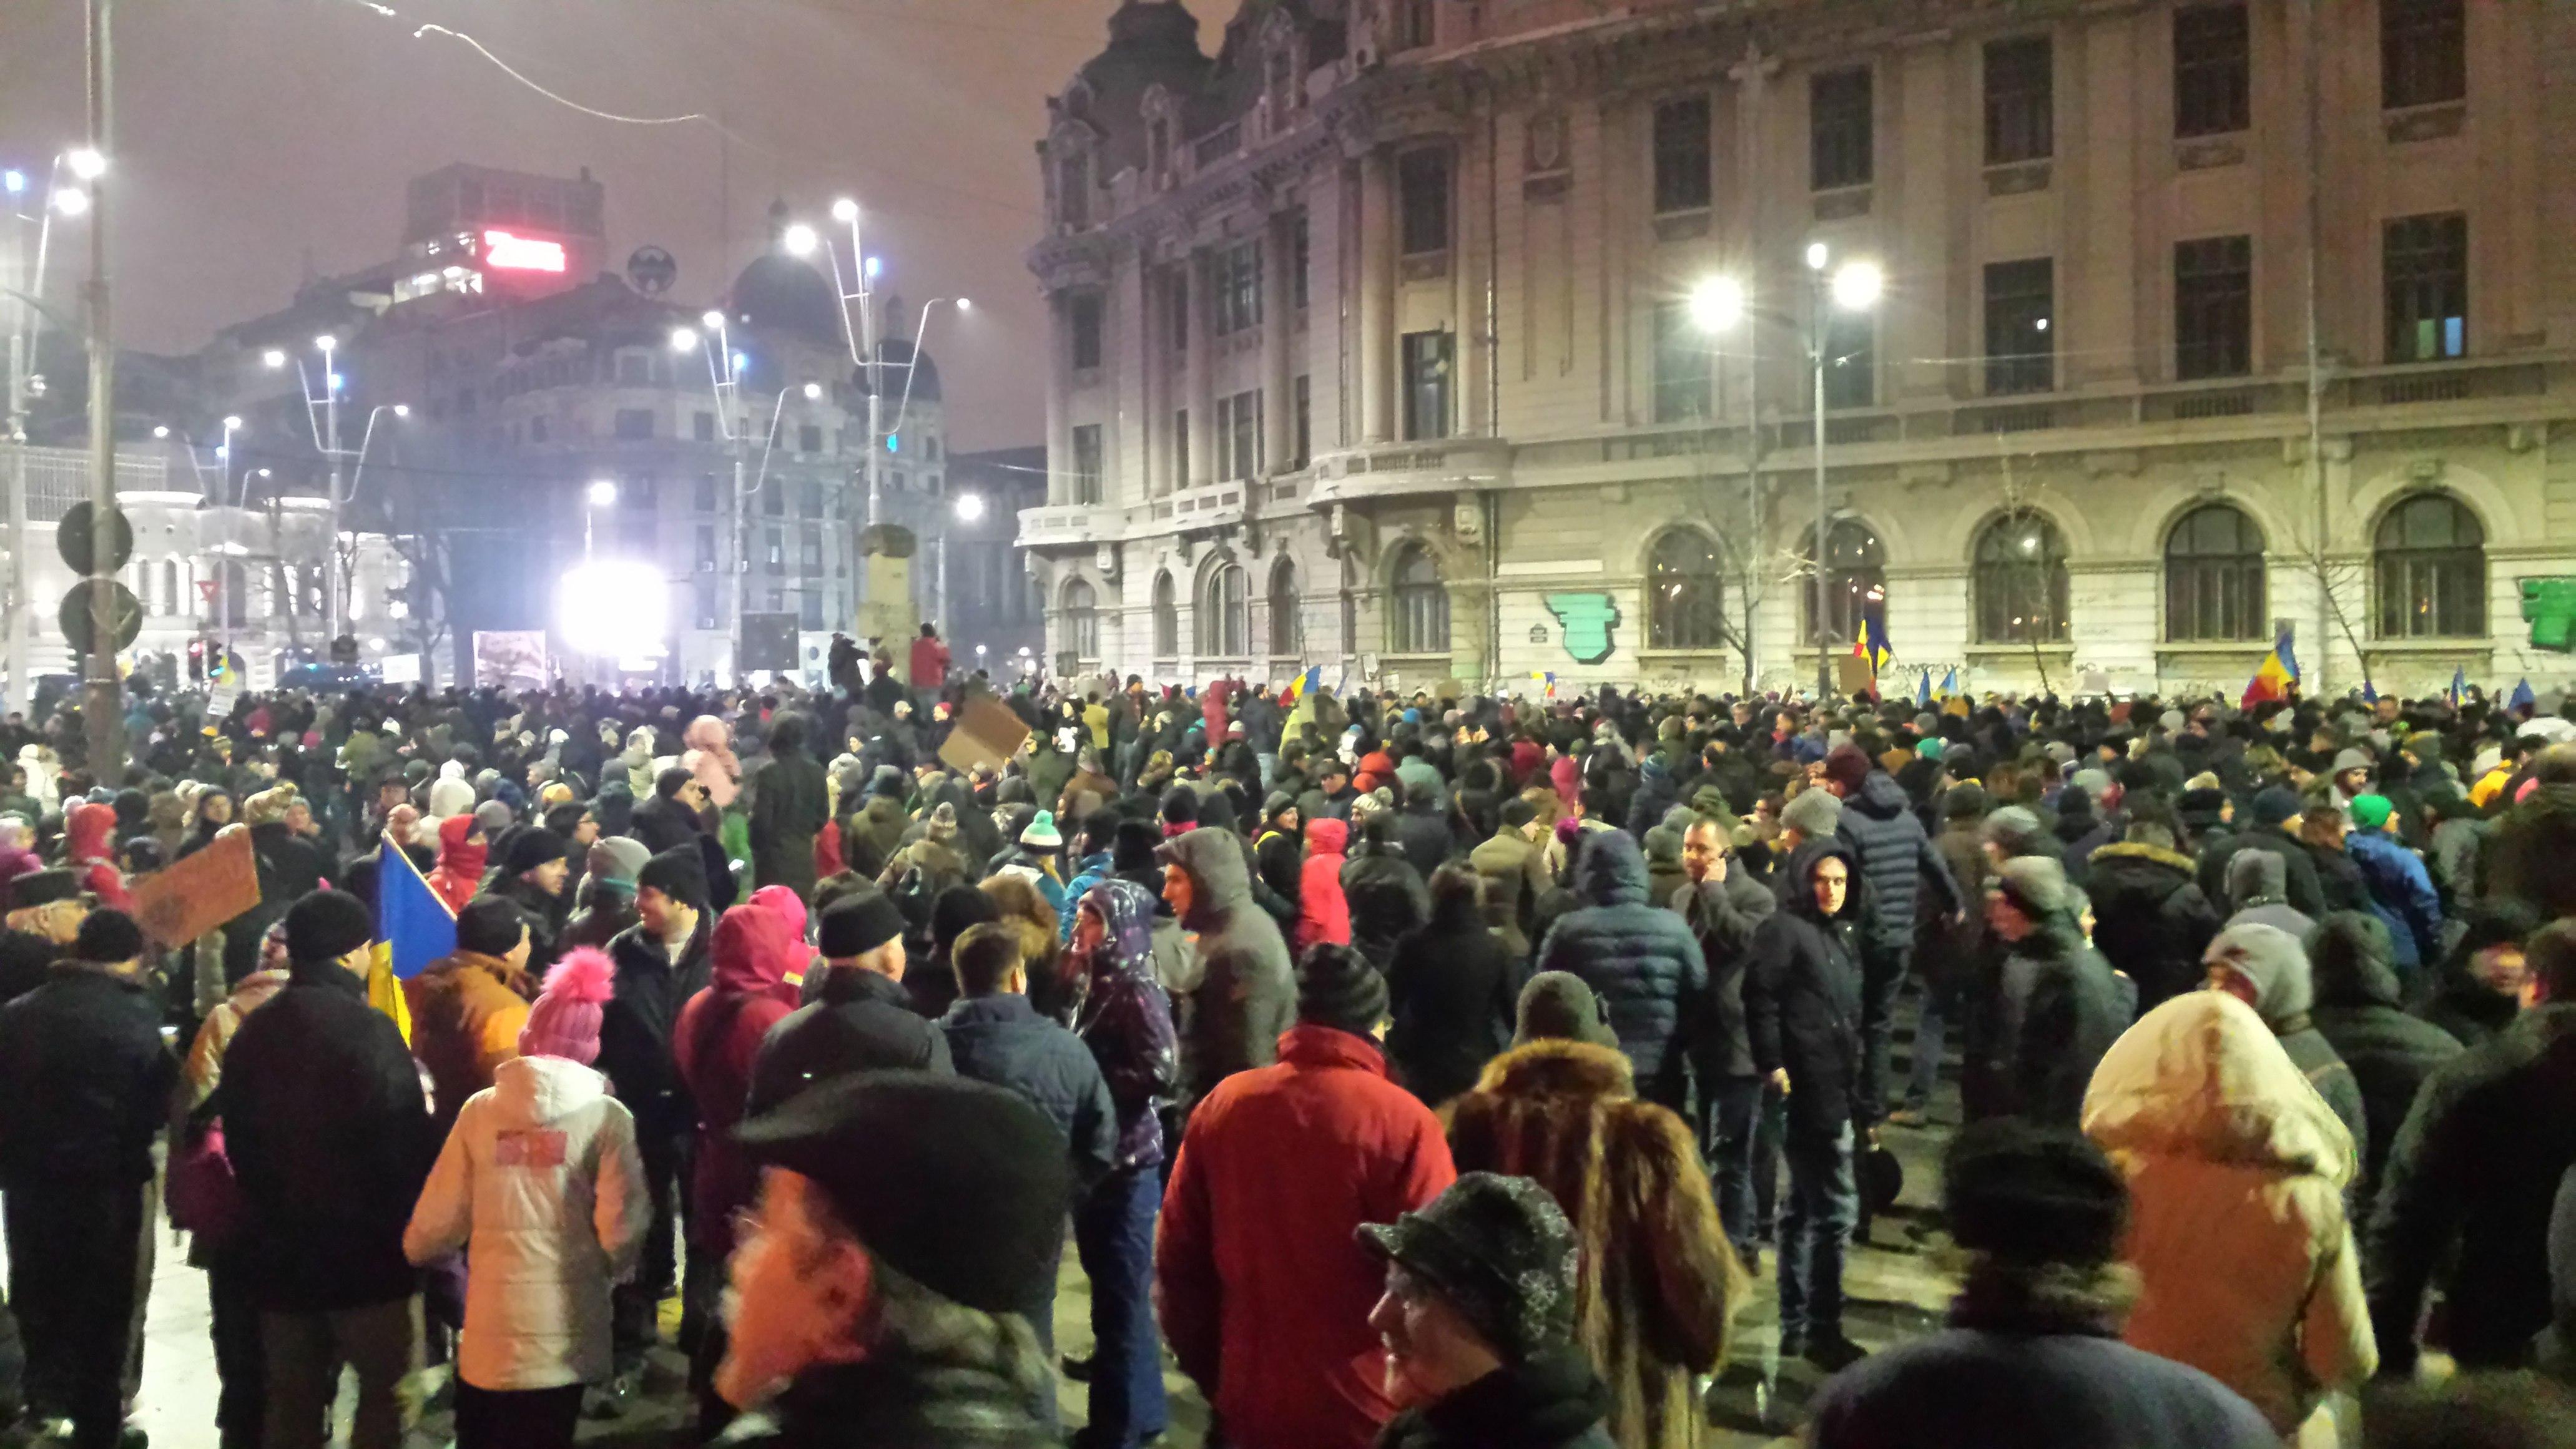 Proteste in rumänien 2017 die vollständigen informationen und